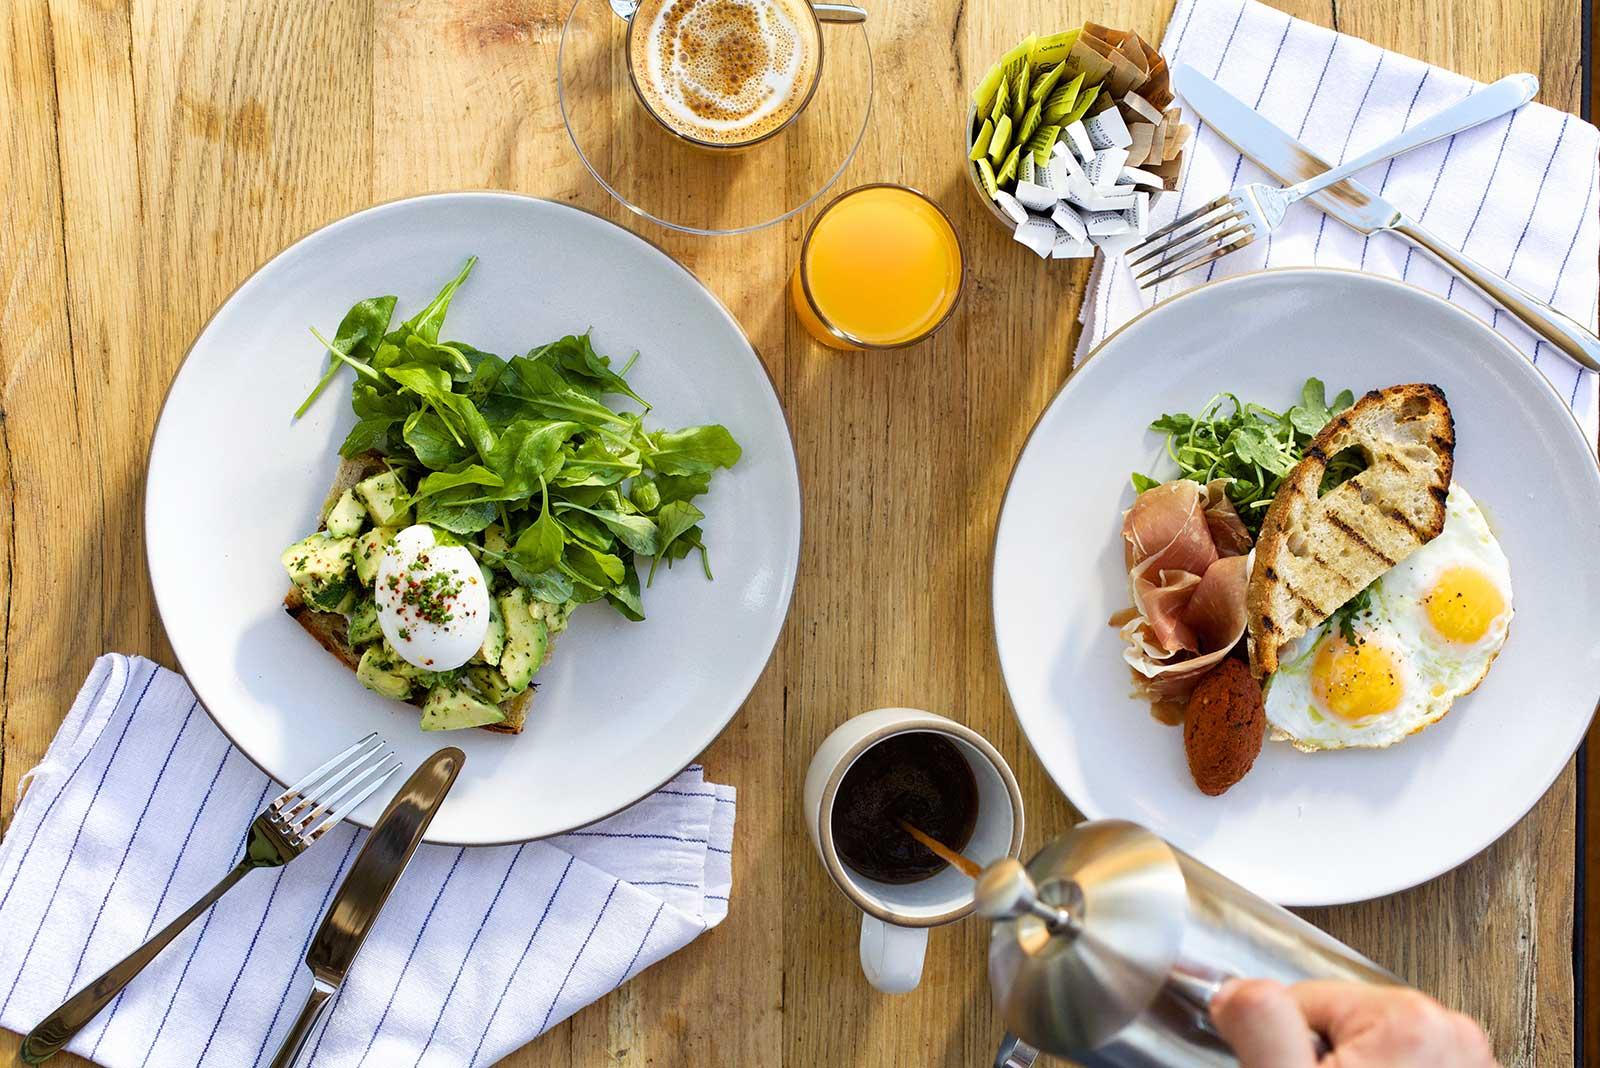 Cafe No Se food dishes